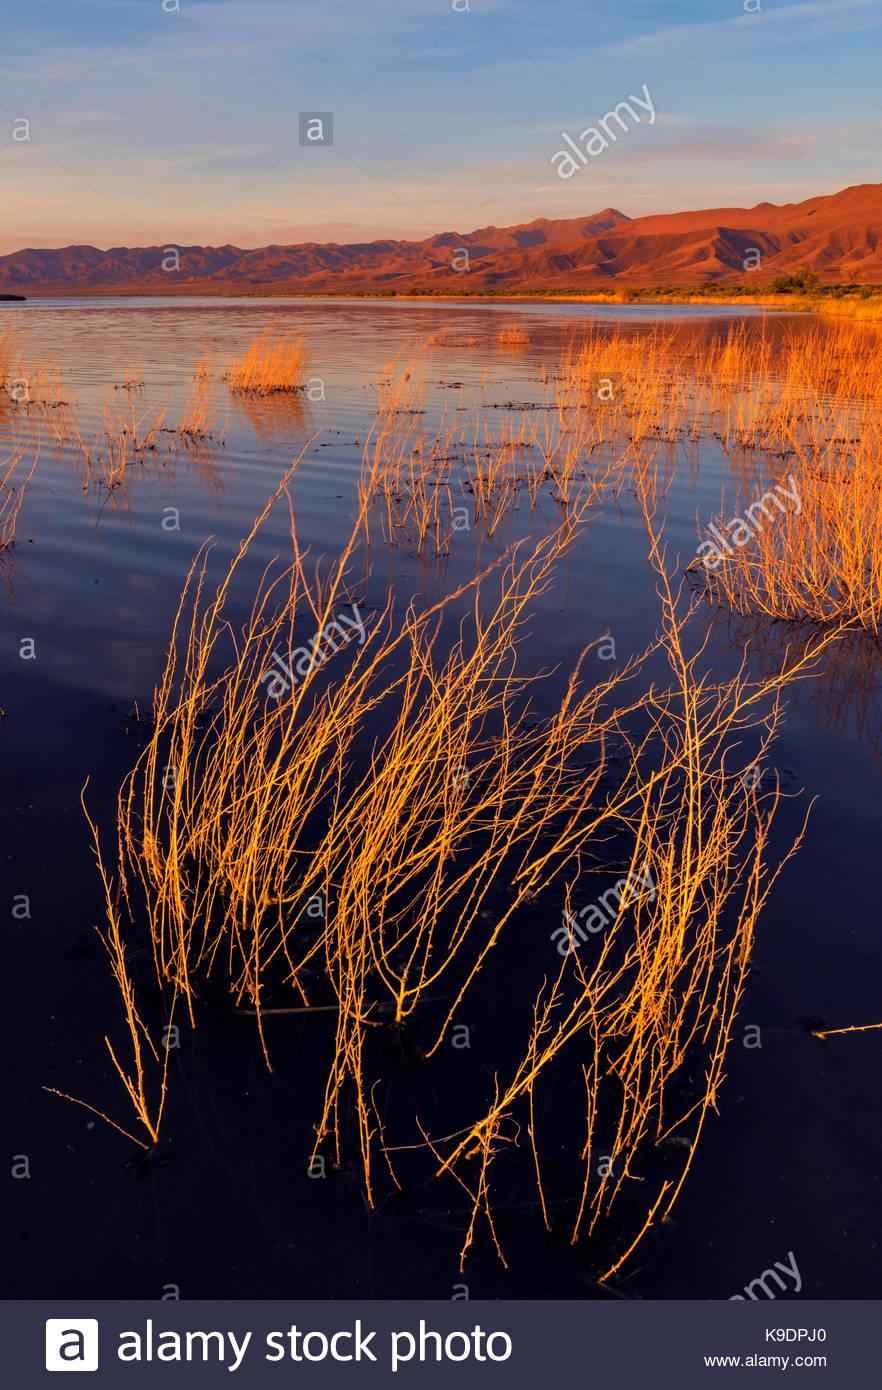 Submerged Brush and Marsh at Sunset, Stillwater National Wildlife Refuge, Nevada - Stock Image